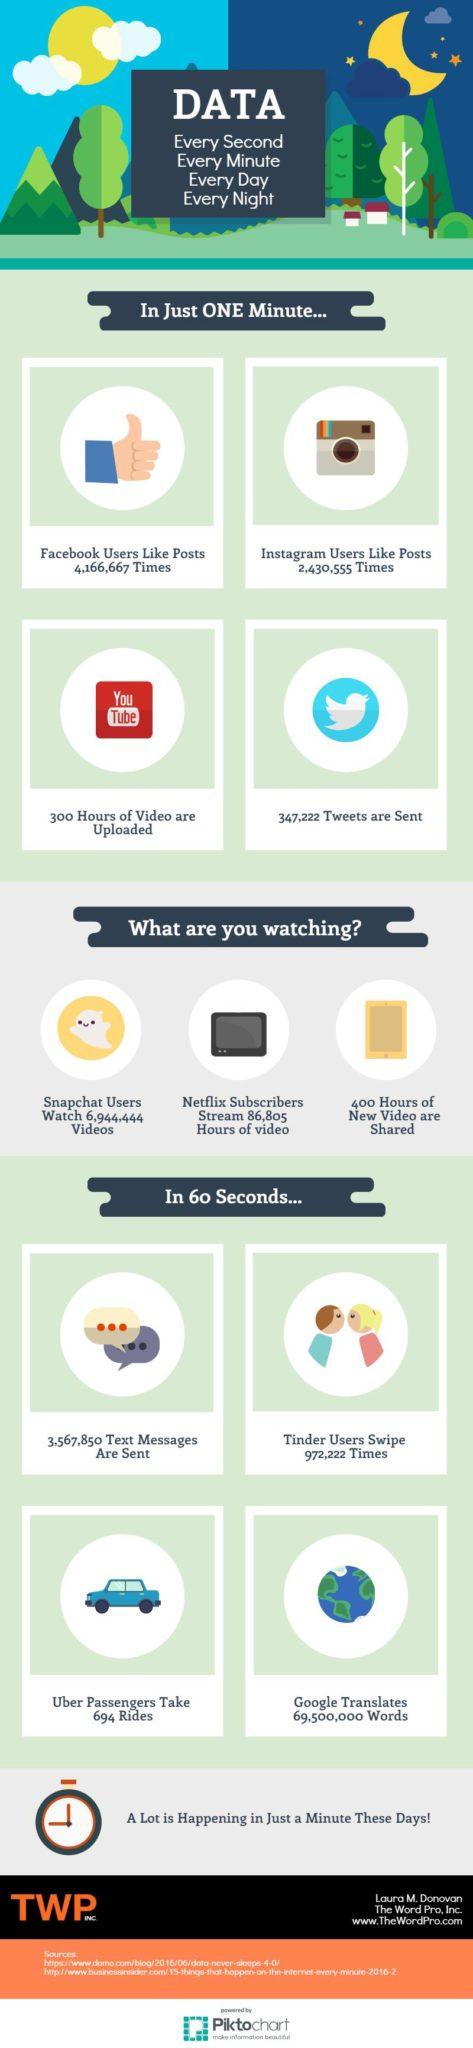 Kolik dat proletí internetem za jedinou minutu? – Infografika